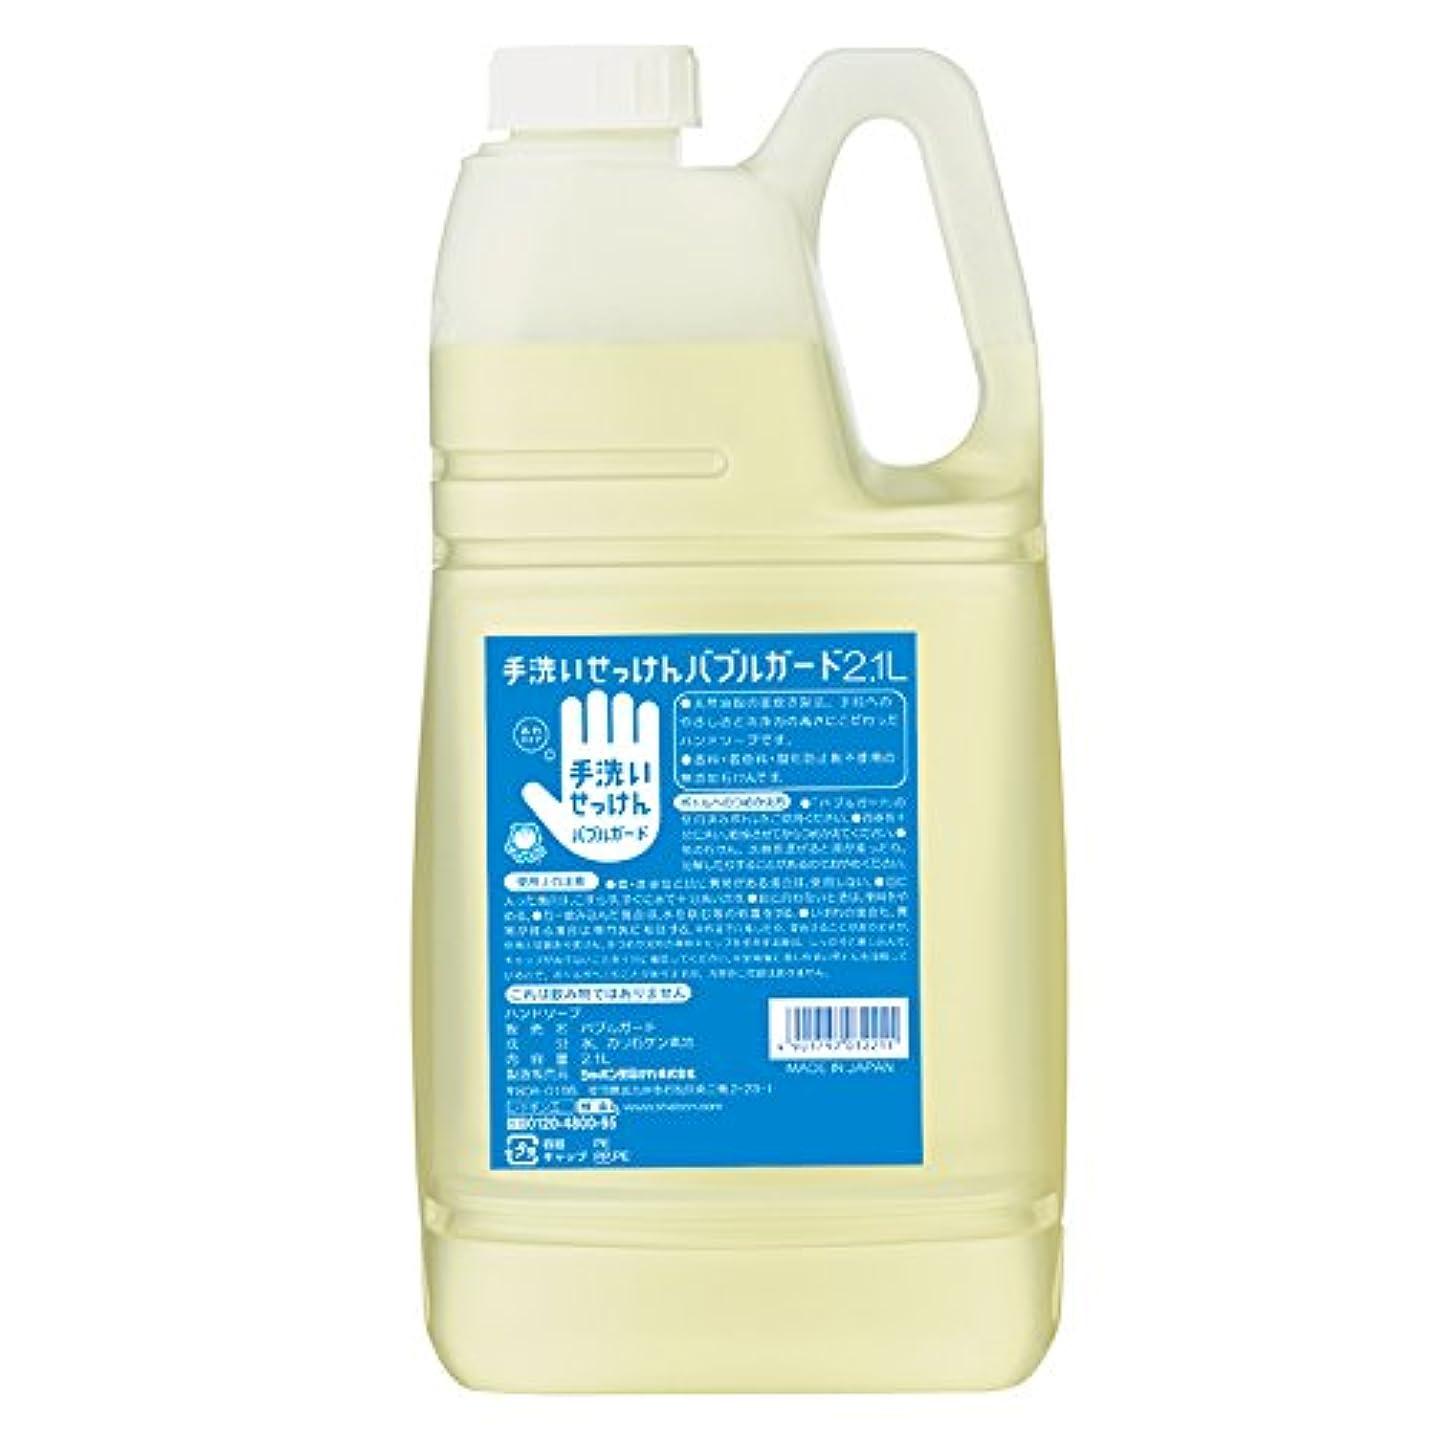 唯一ドリルあいにくシャボン玉石けん 手洗いせっけん?ハンドソープ バブルガード 2.1L